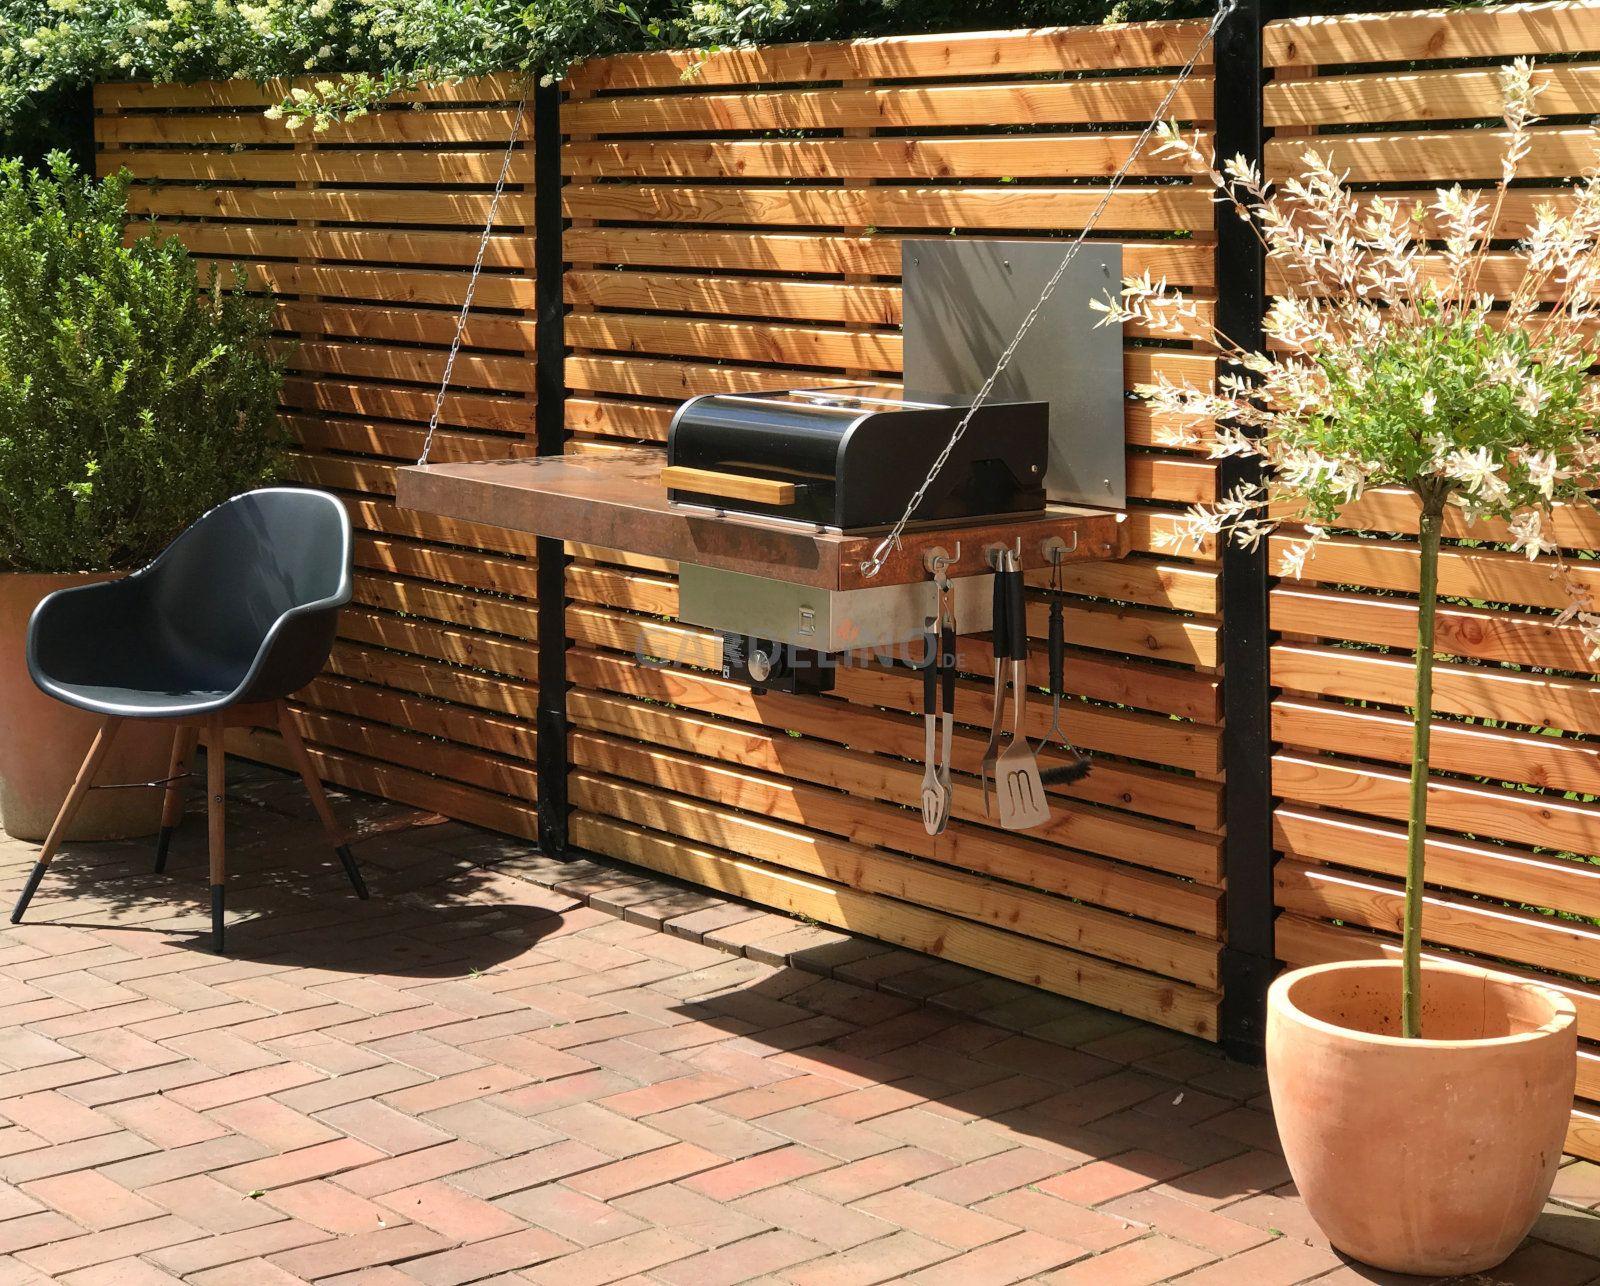 Outdoor Küche Gas : Invidiuelle outdoor küche mit oneq gas grill aus holz zum aufängen